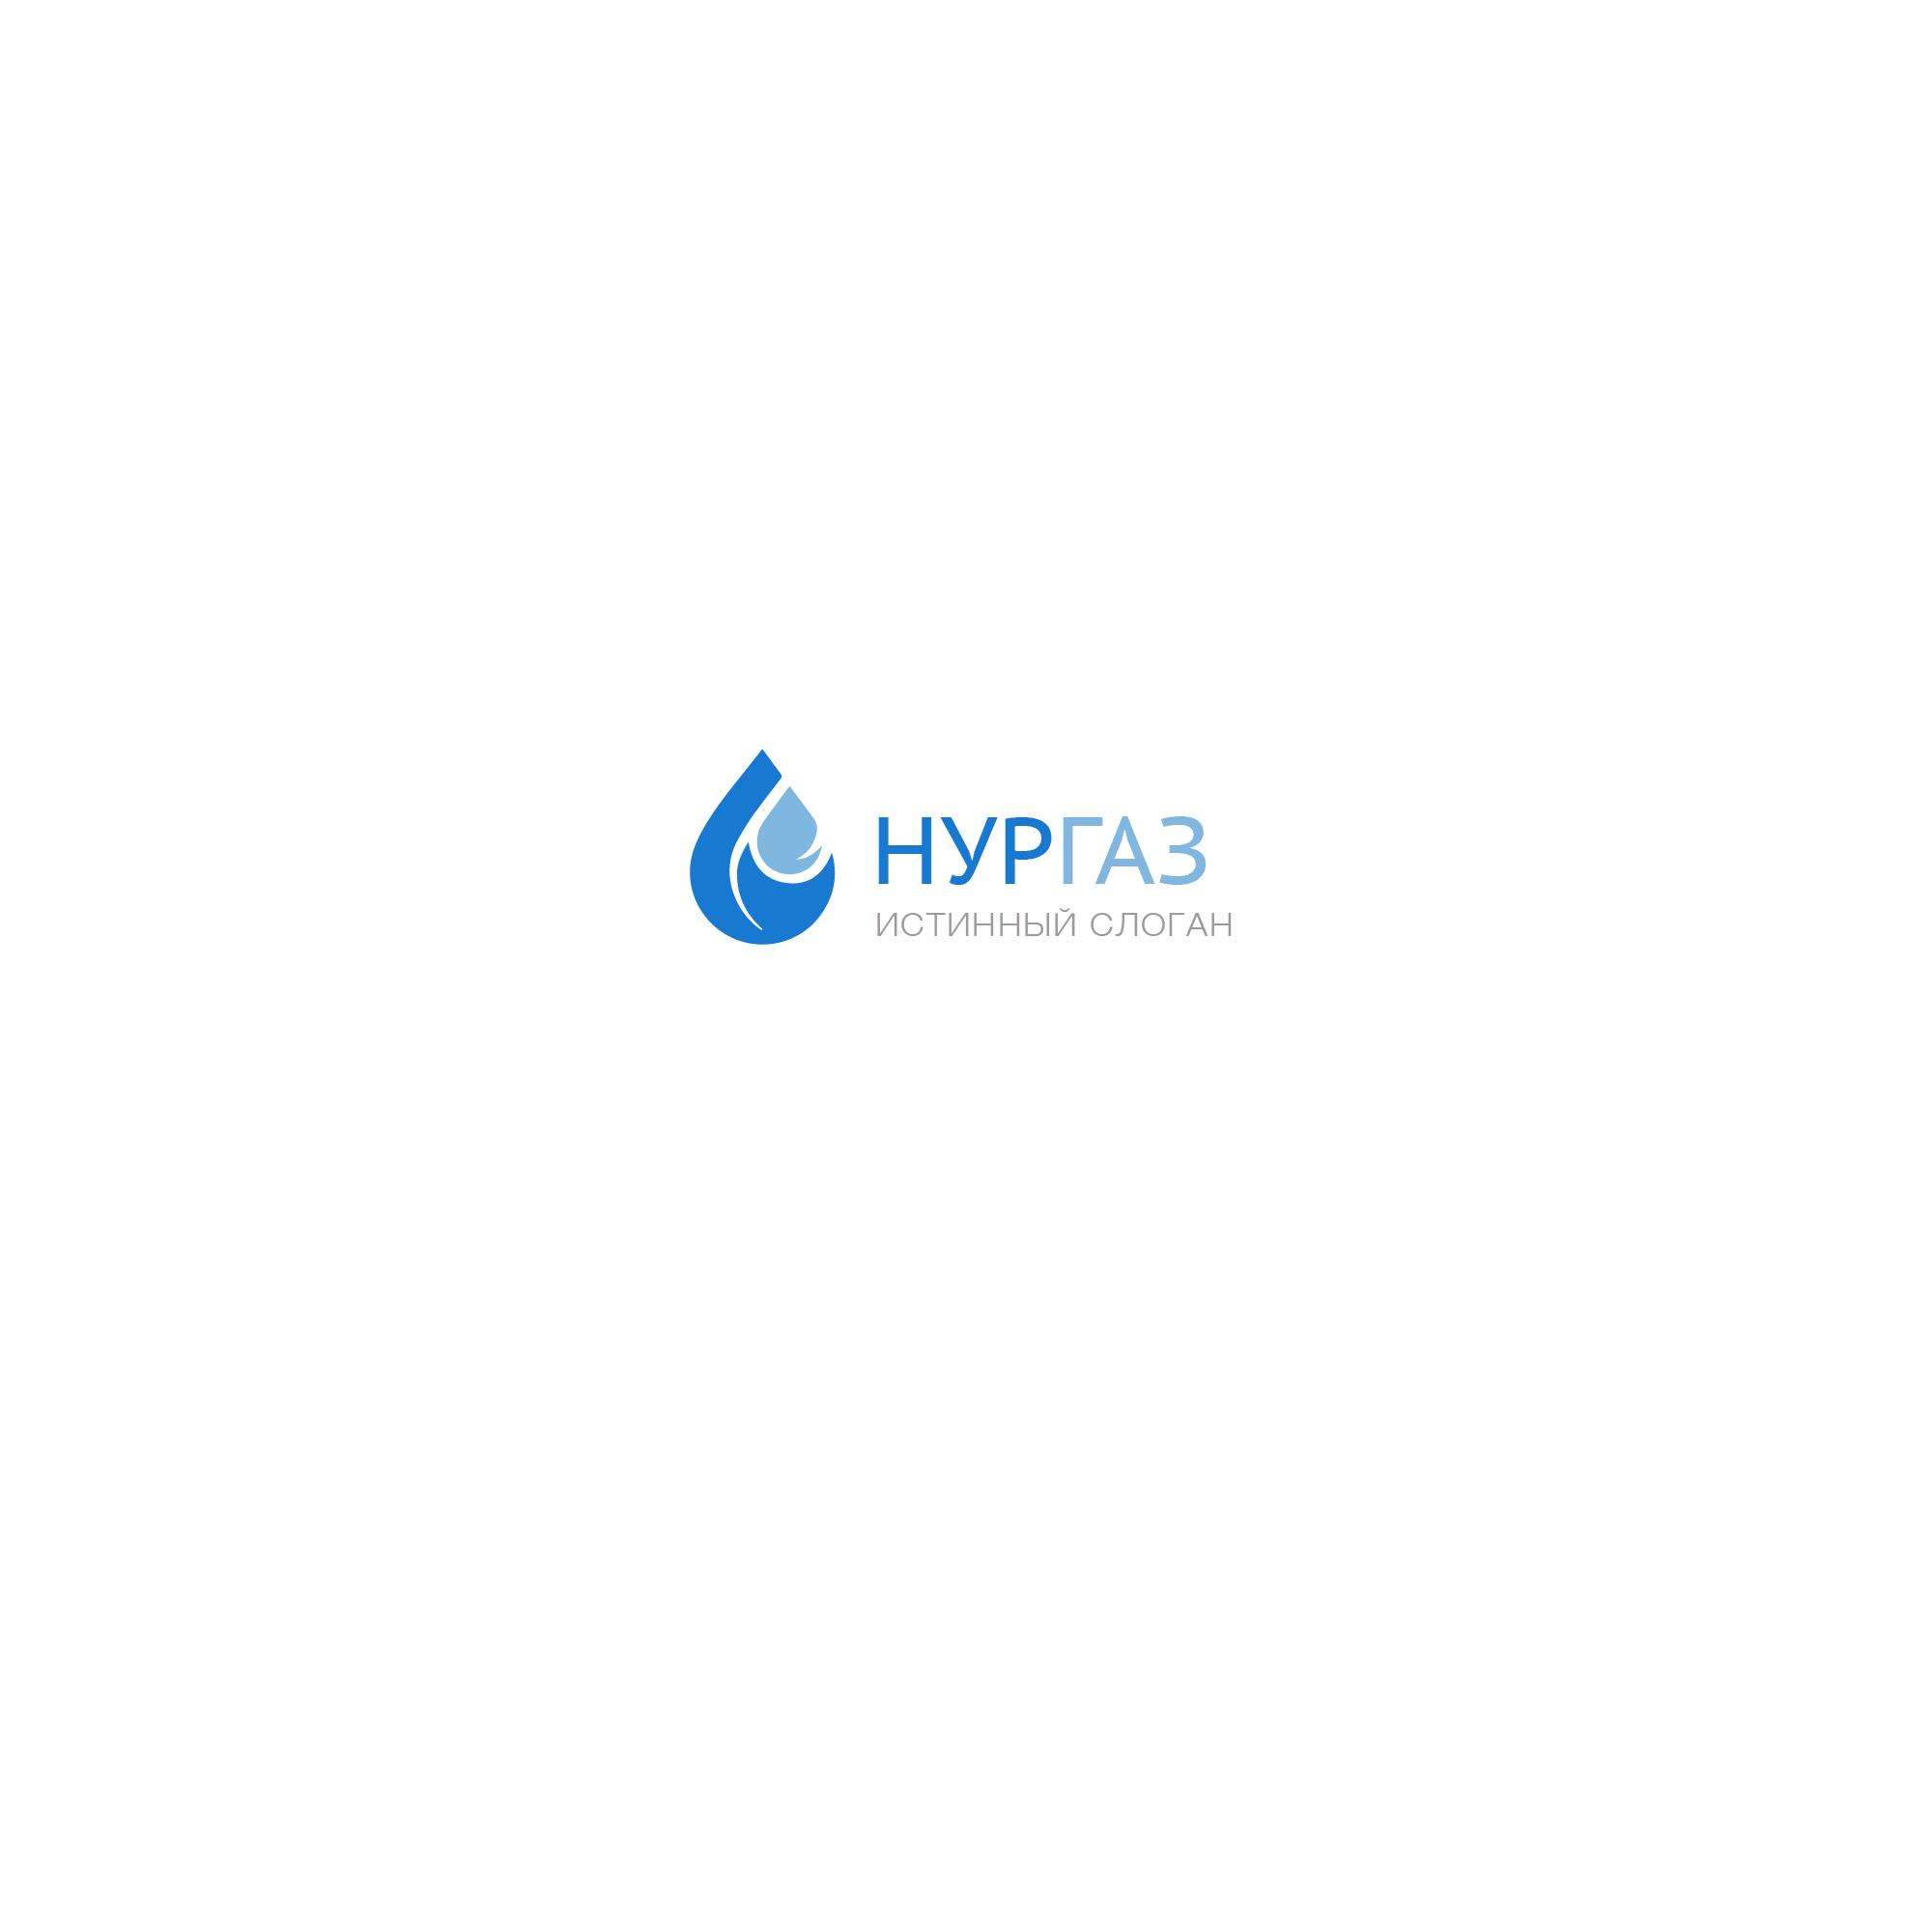 Разработка логотипа и фирменного стиля фото f_4525da1d96d6517a.jpg